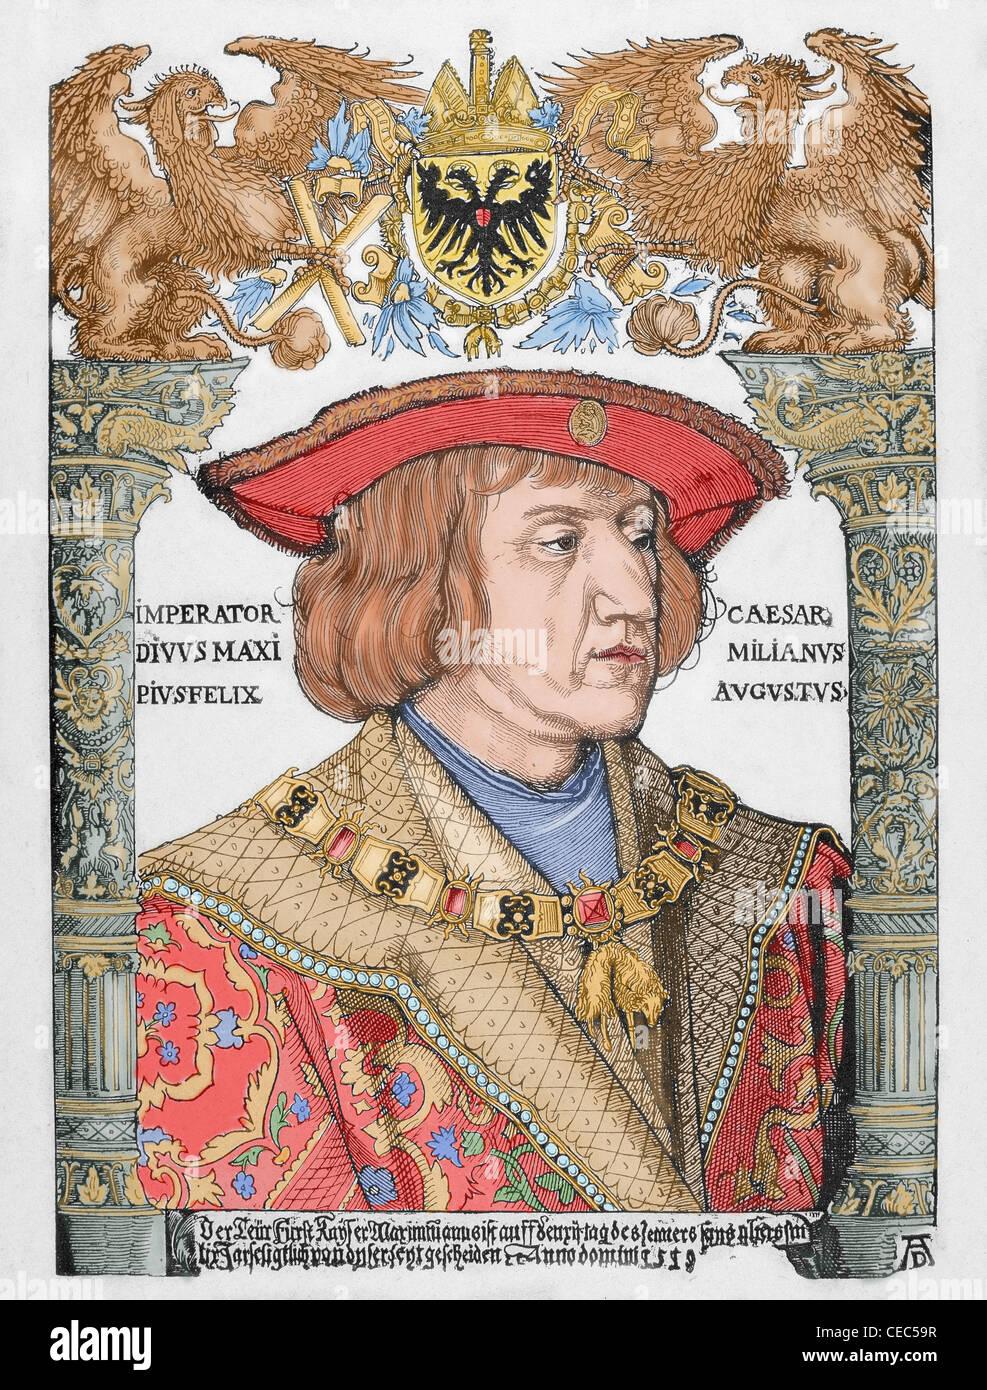 Maximilian ich (1459-1519). König der Römer und Kaiser des Heiligen Römischen Reiches. Kupferstich Stockbild